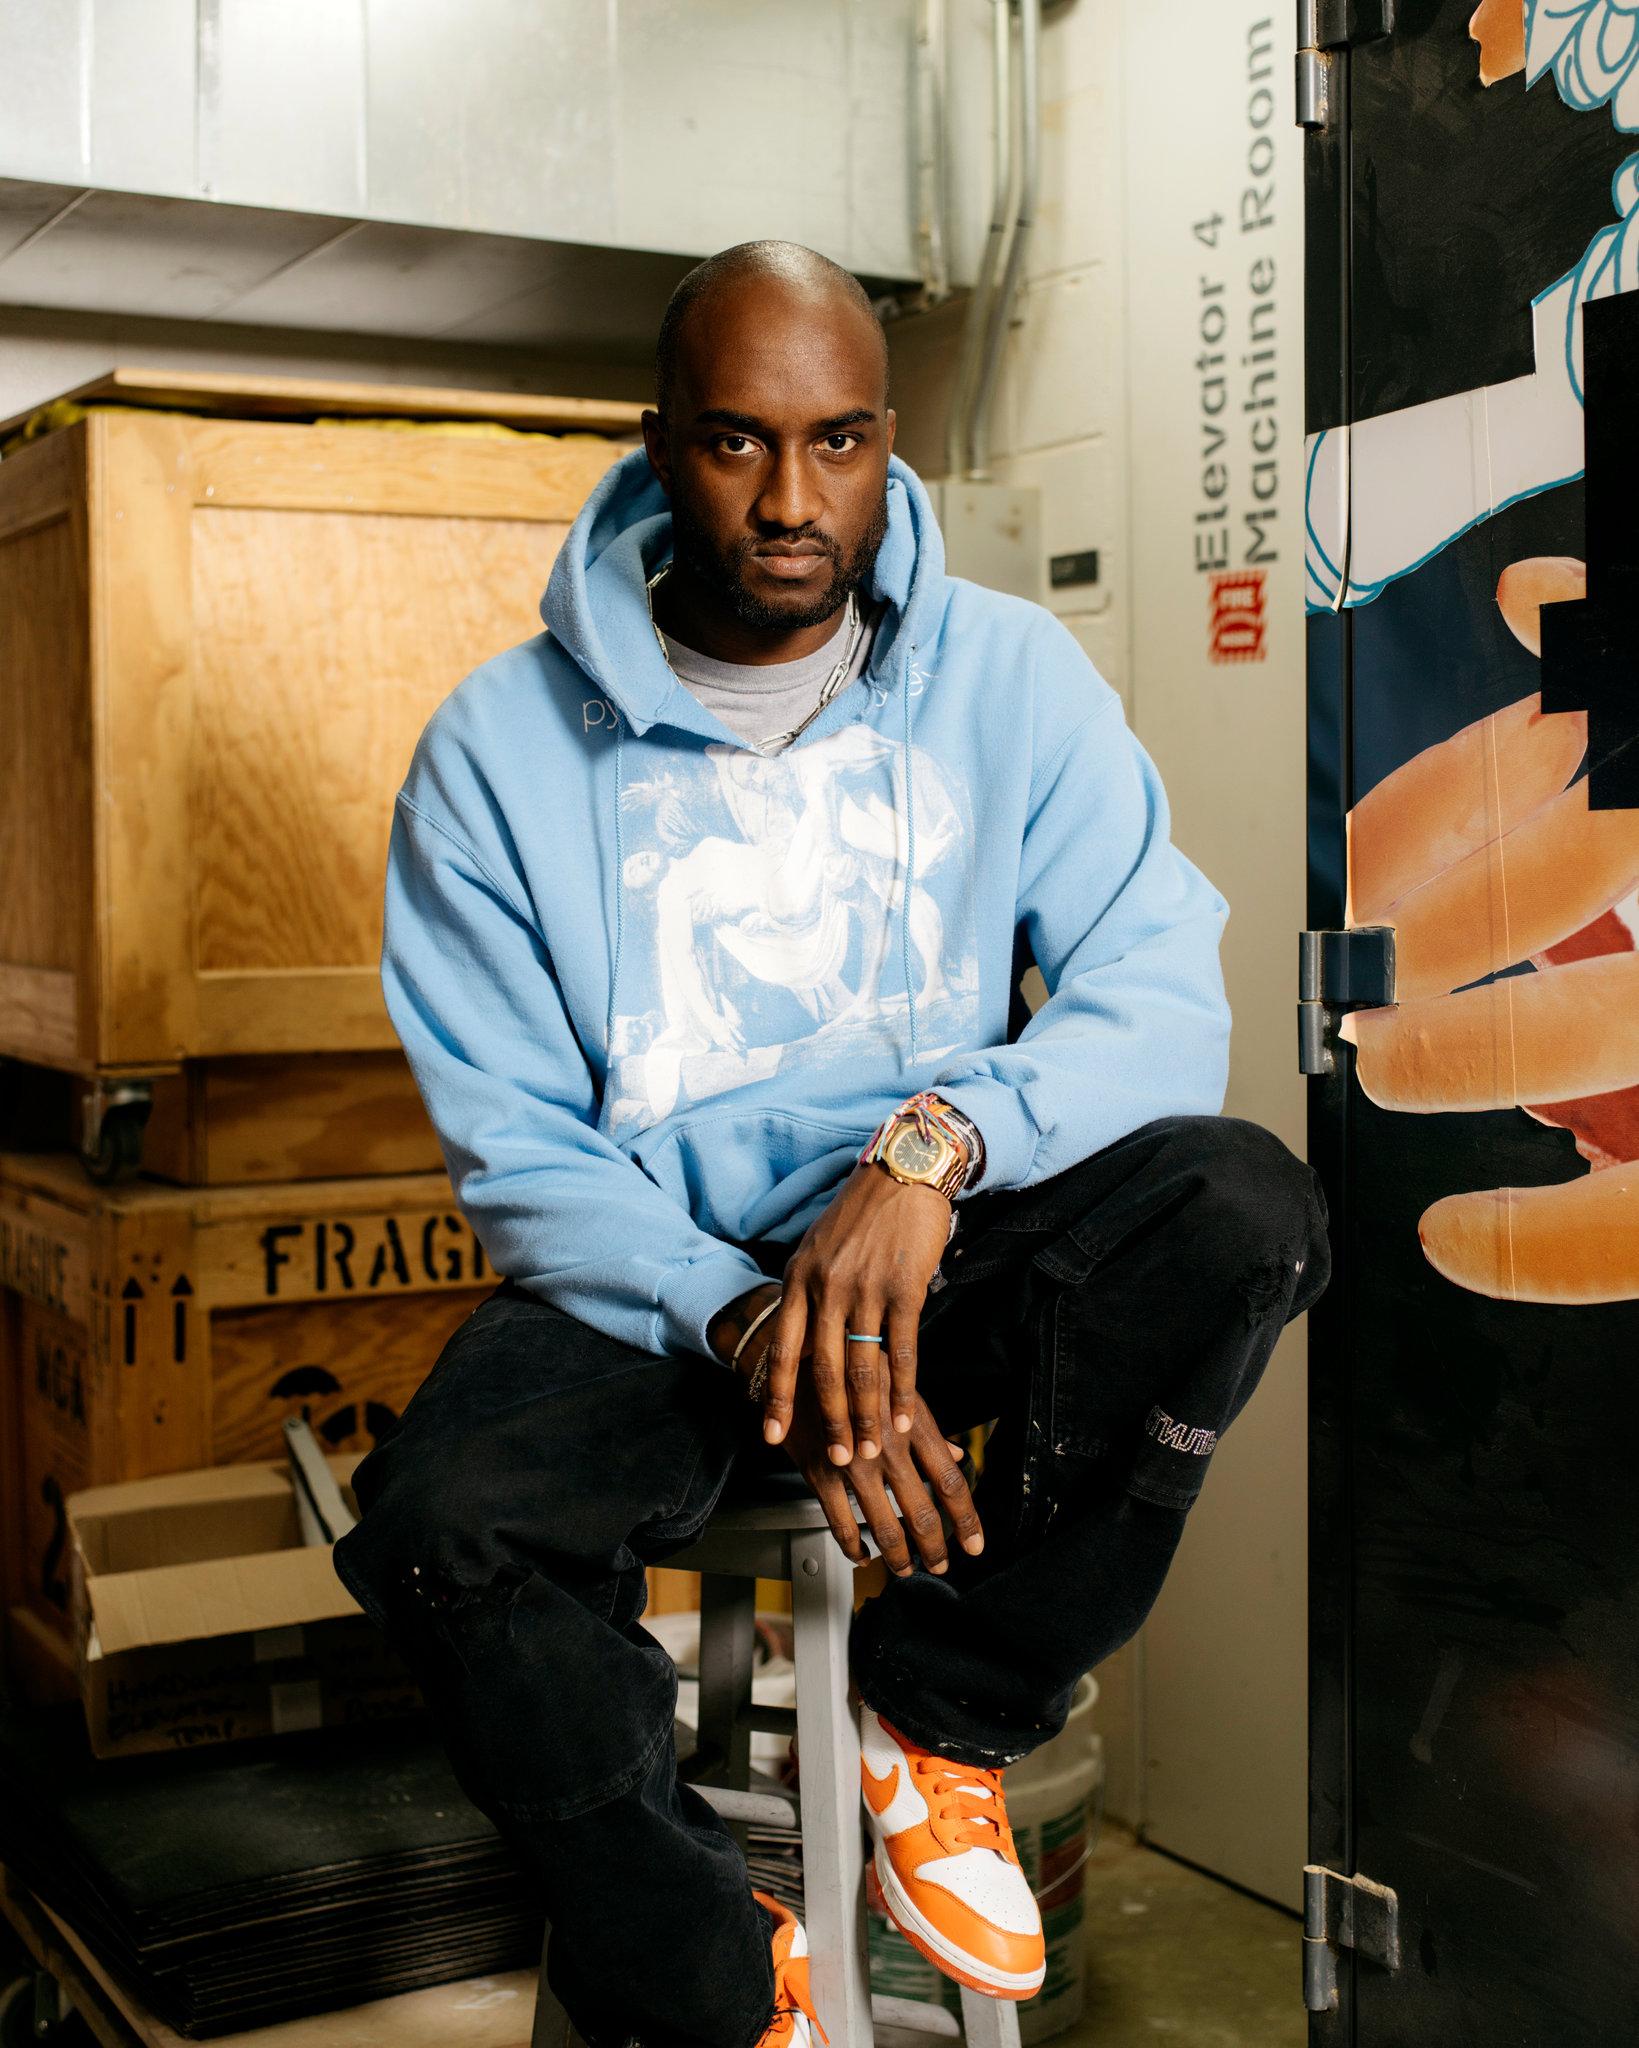 Virgil Abloh quiere tu feedback para diseñar su próxima collab con Nike